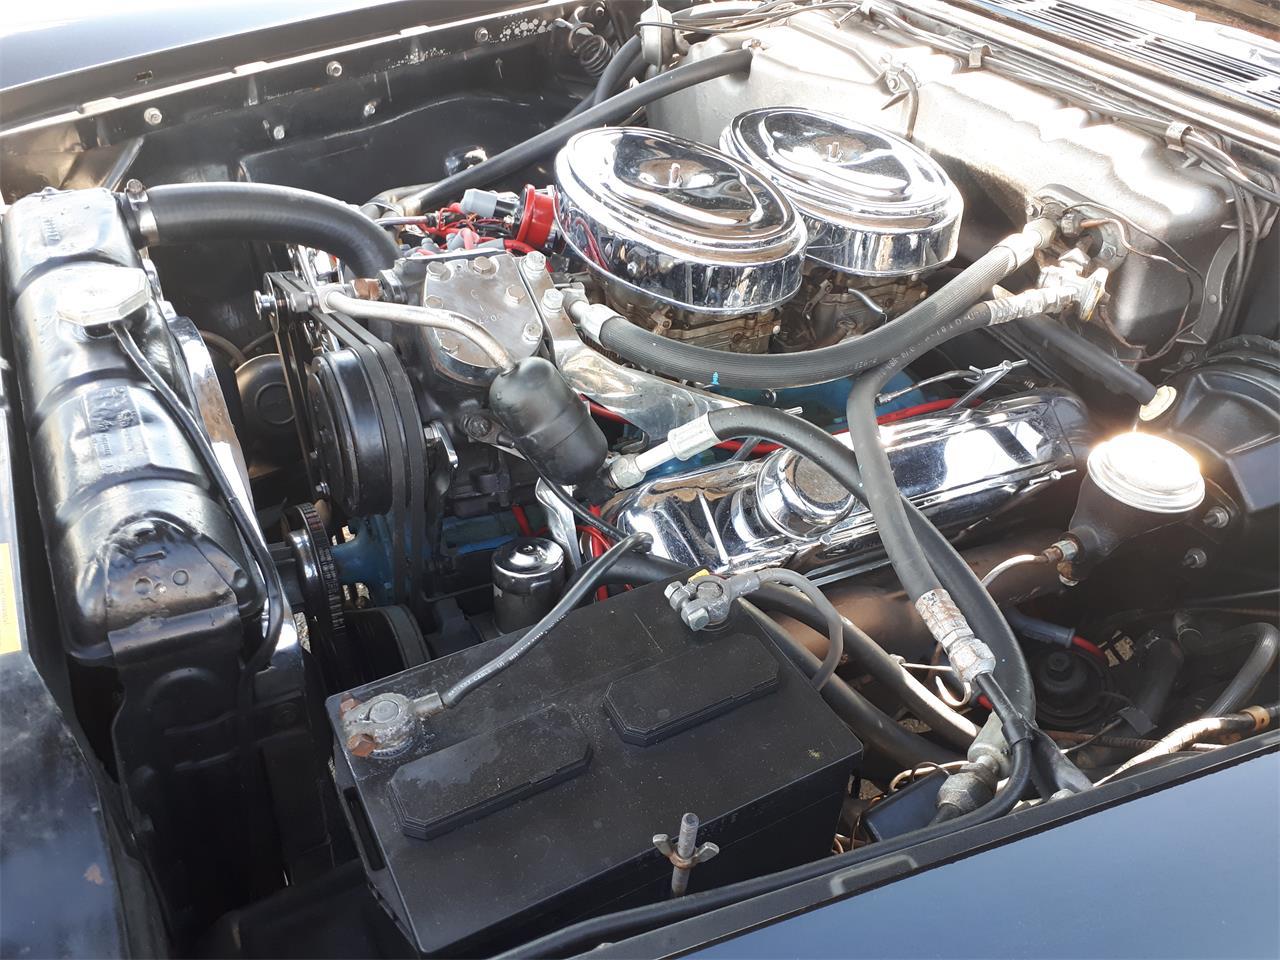 1962 Chrysler 300 (CC-1301144) for sale in Edmonton, Alberta